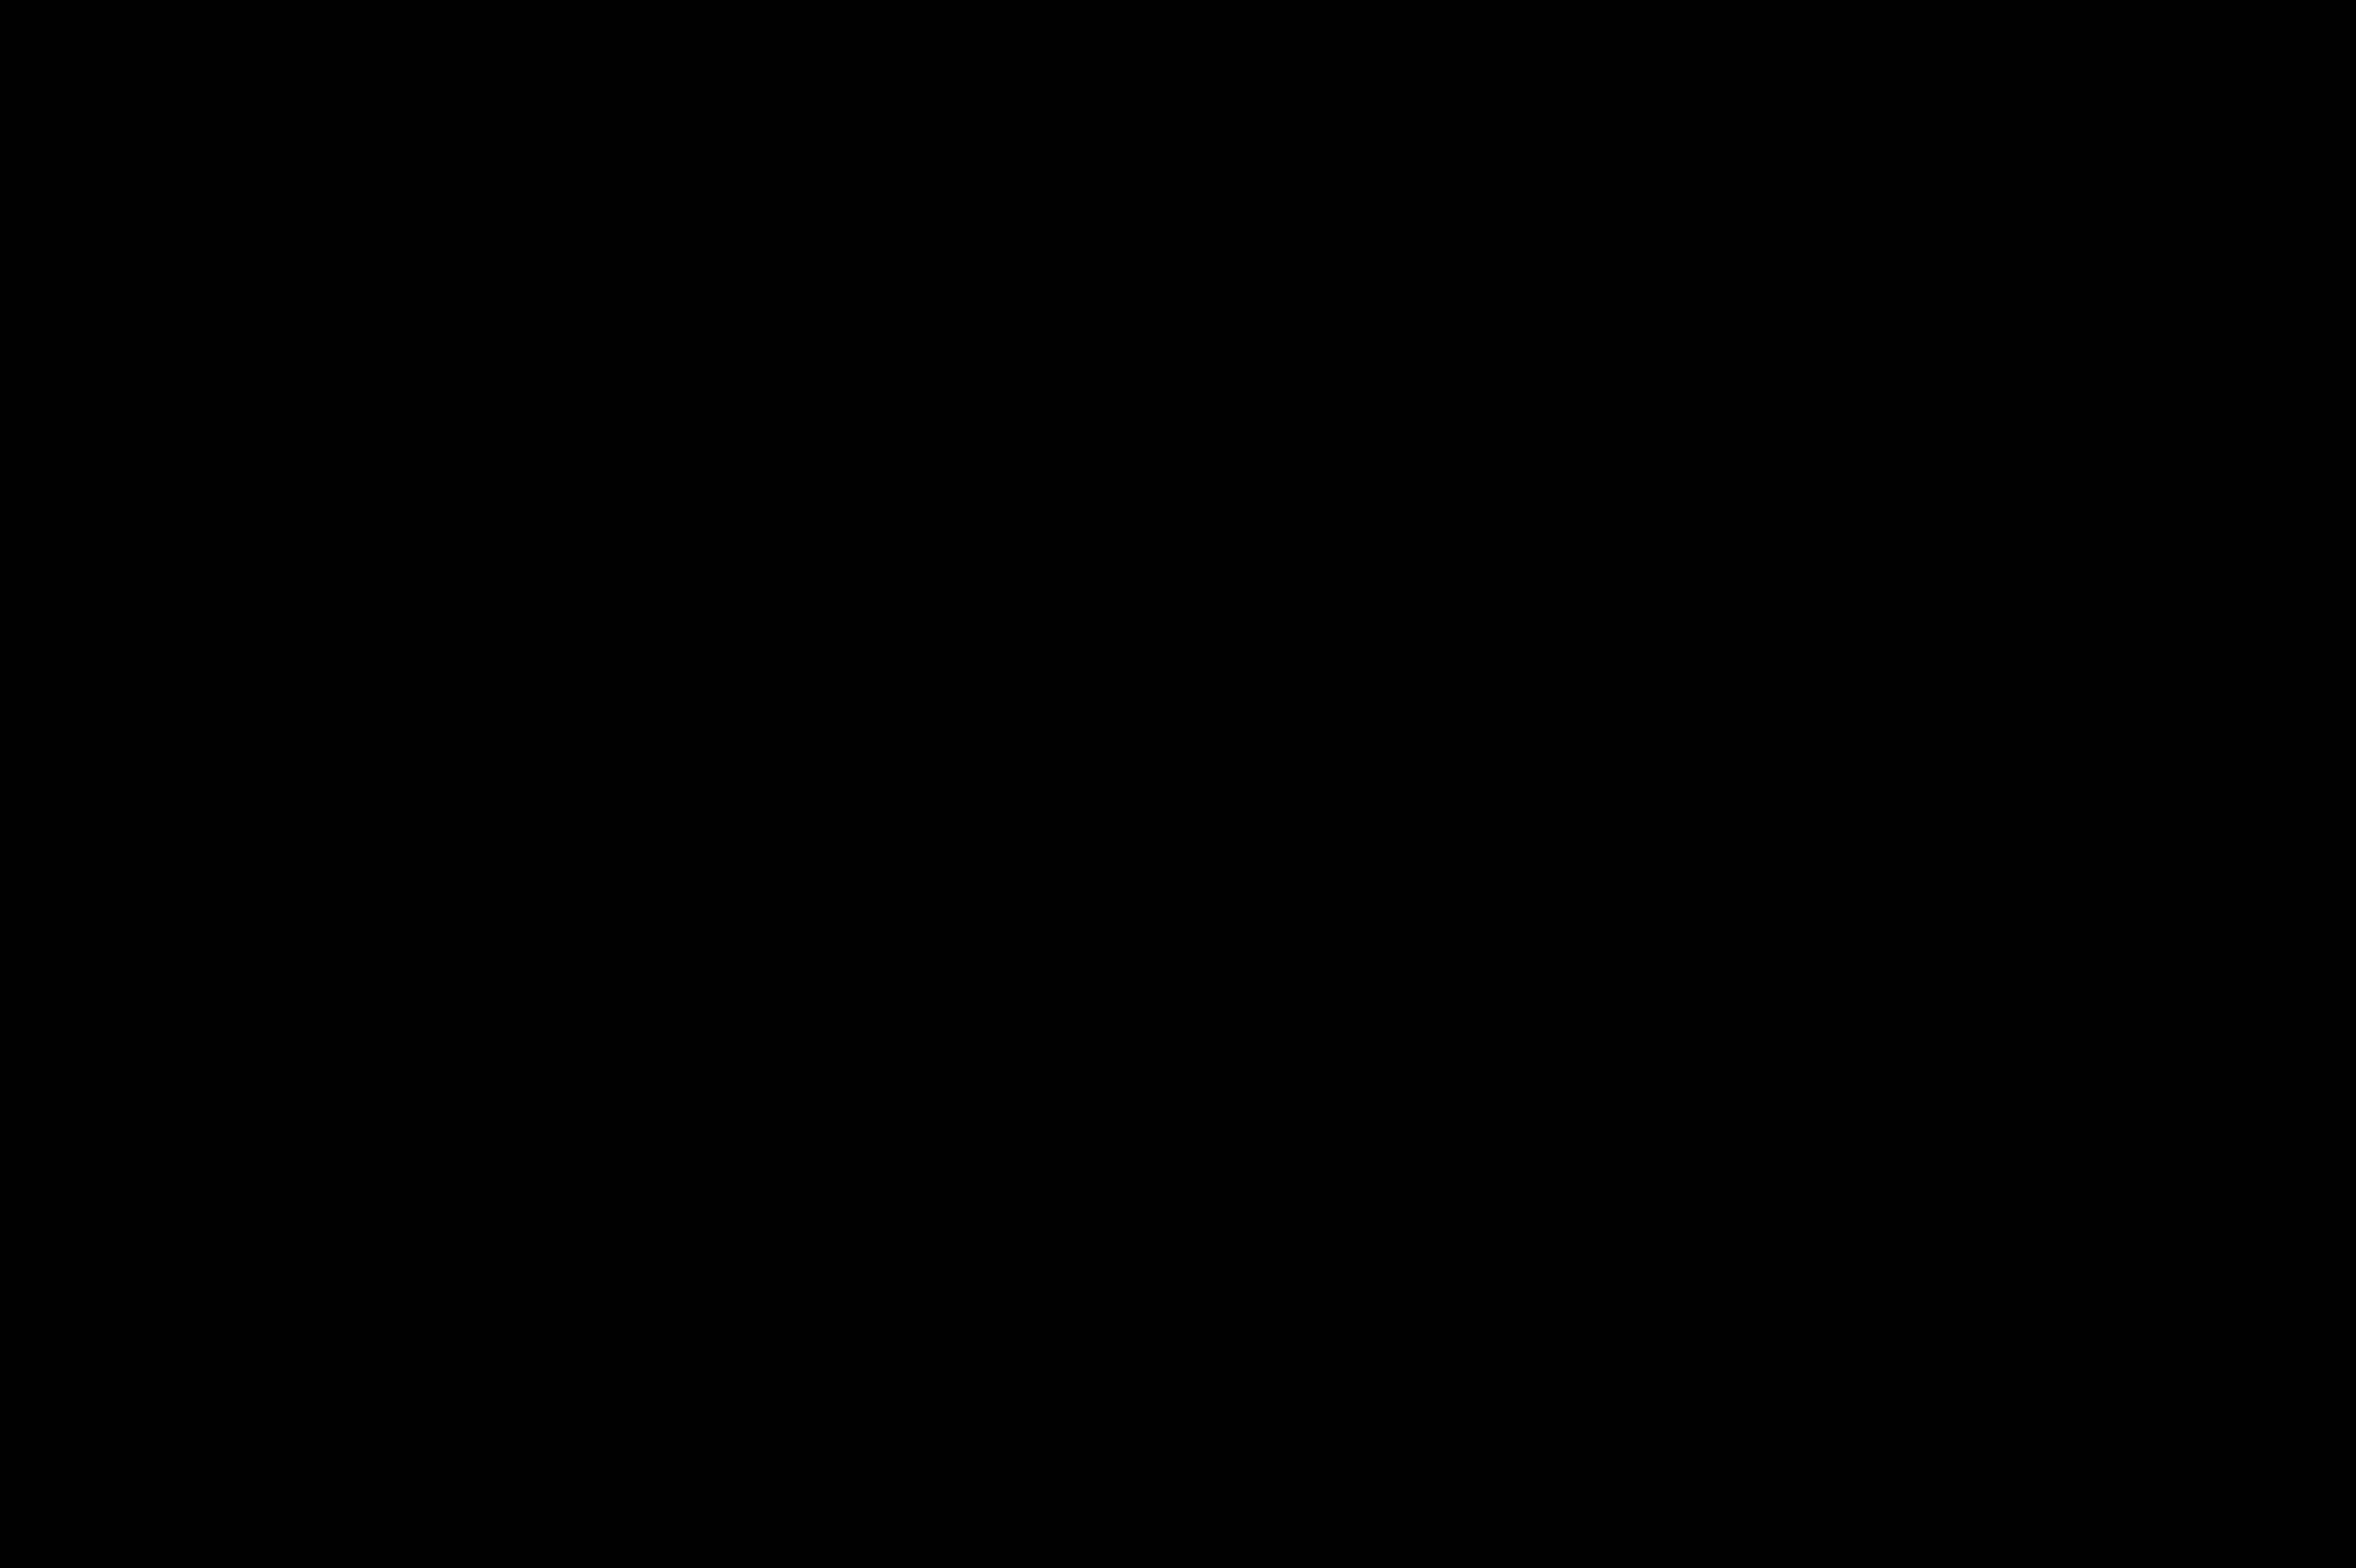 Roma di Alfonso Cuarón uscirà al cinema prima di sbarcare su Netflix